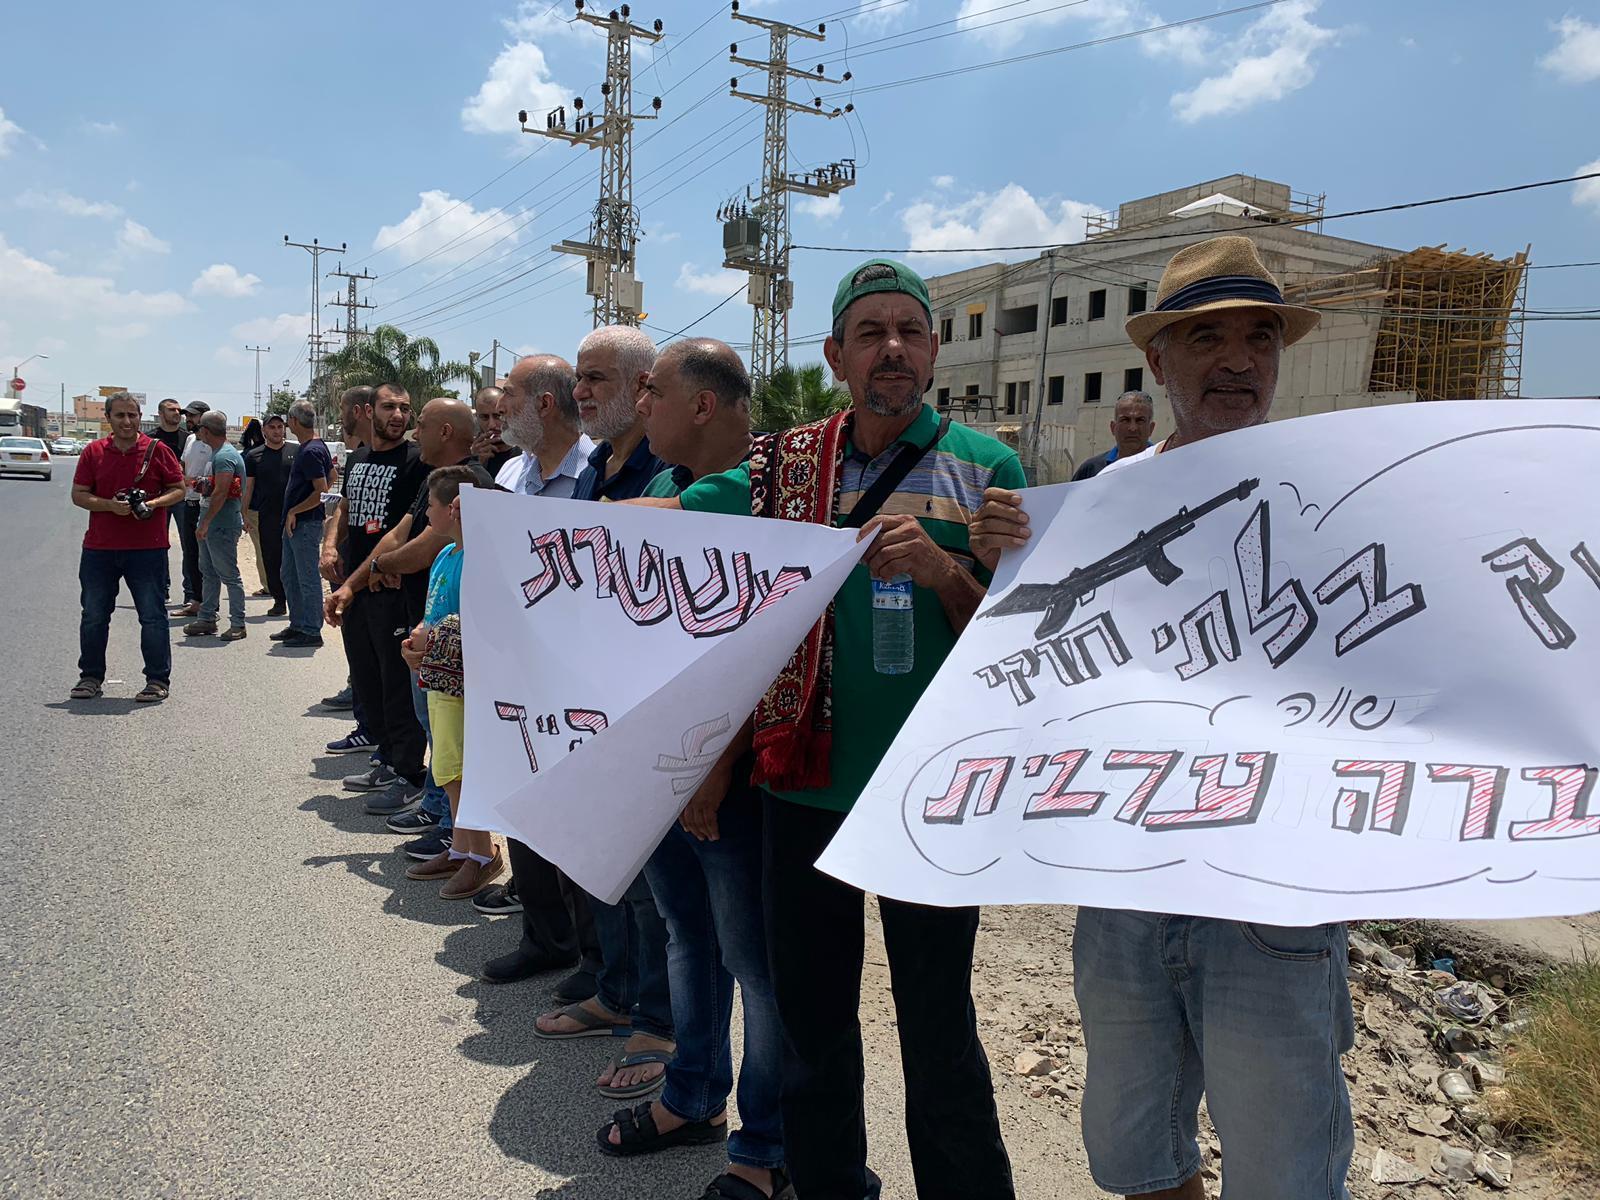 الطيبة: صلاة الجمعة أمام محطة الشرطة احتجاجا على نهجها